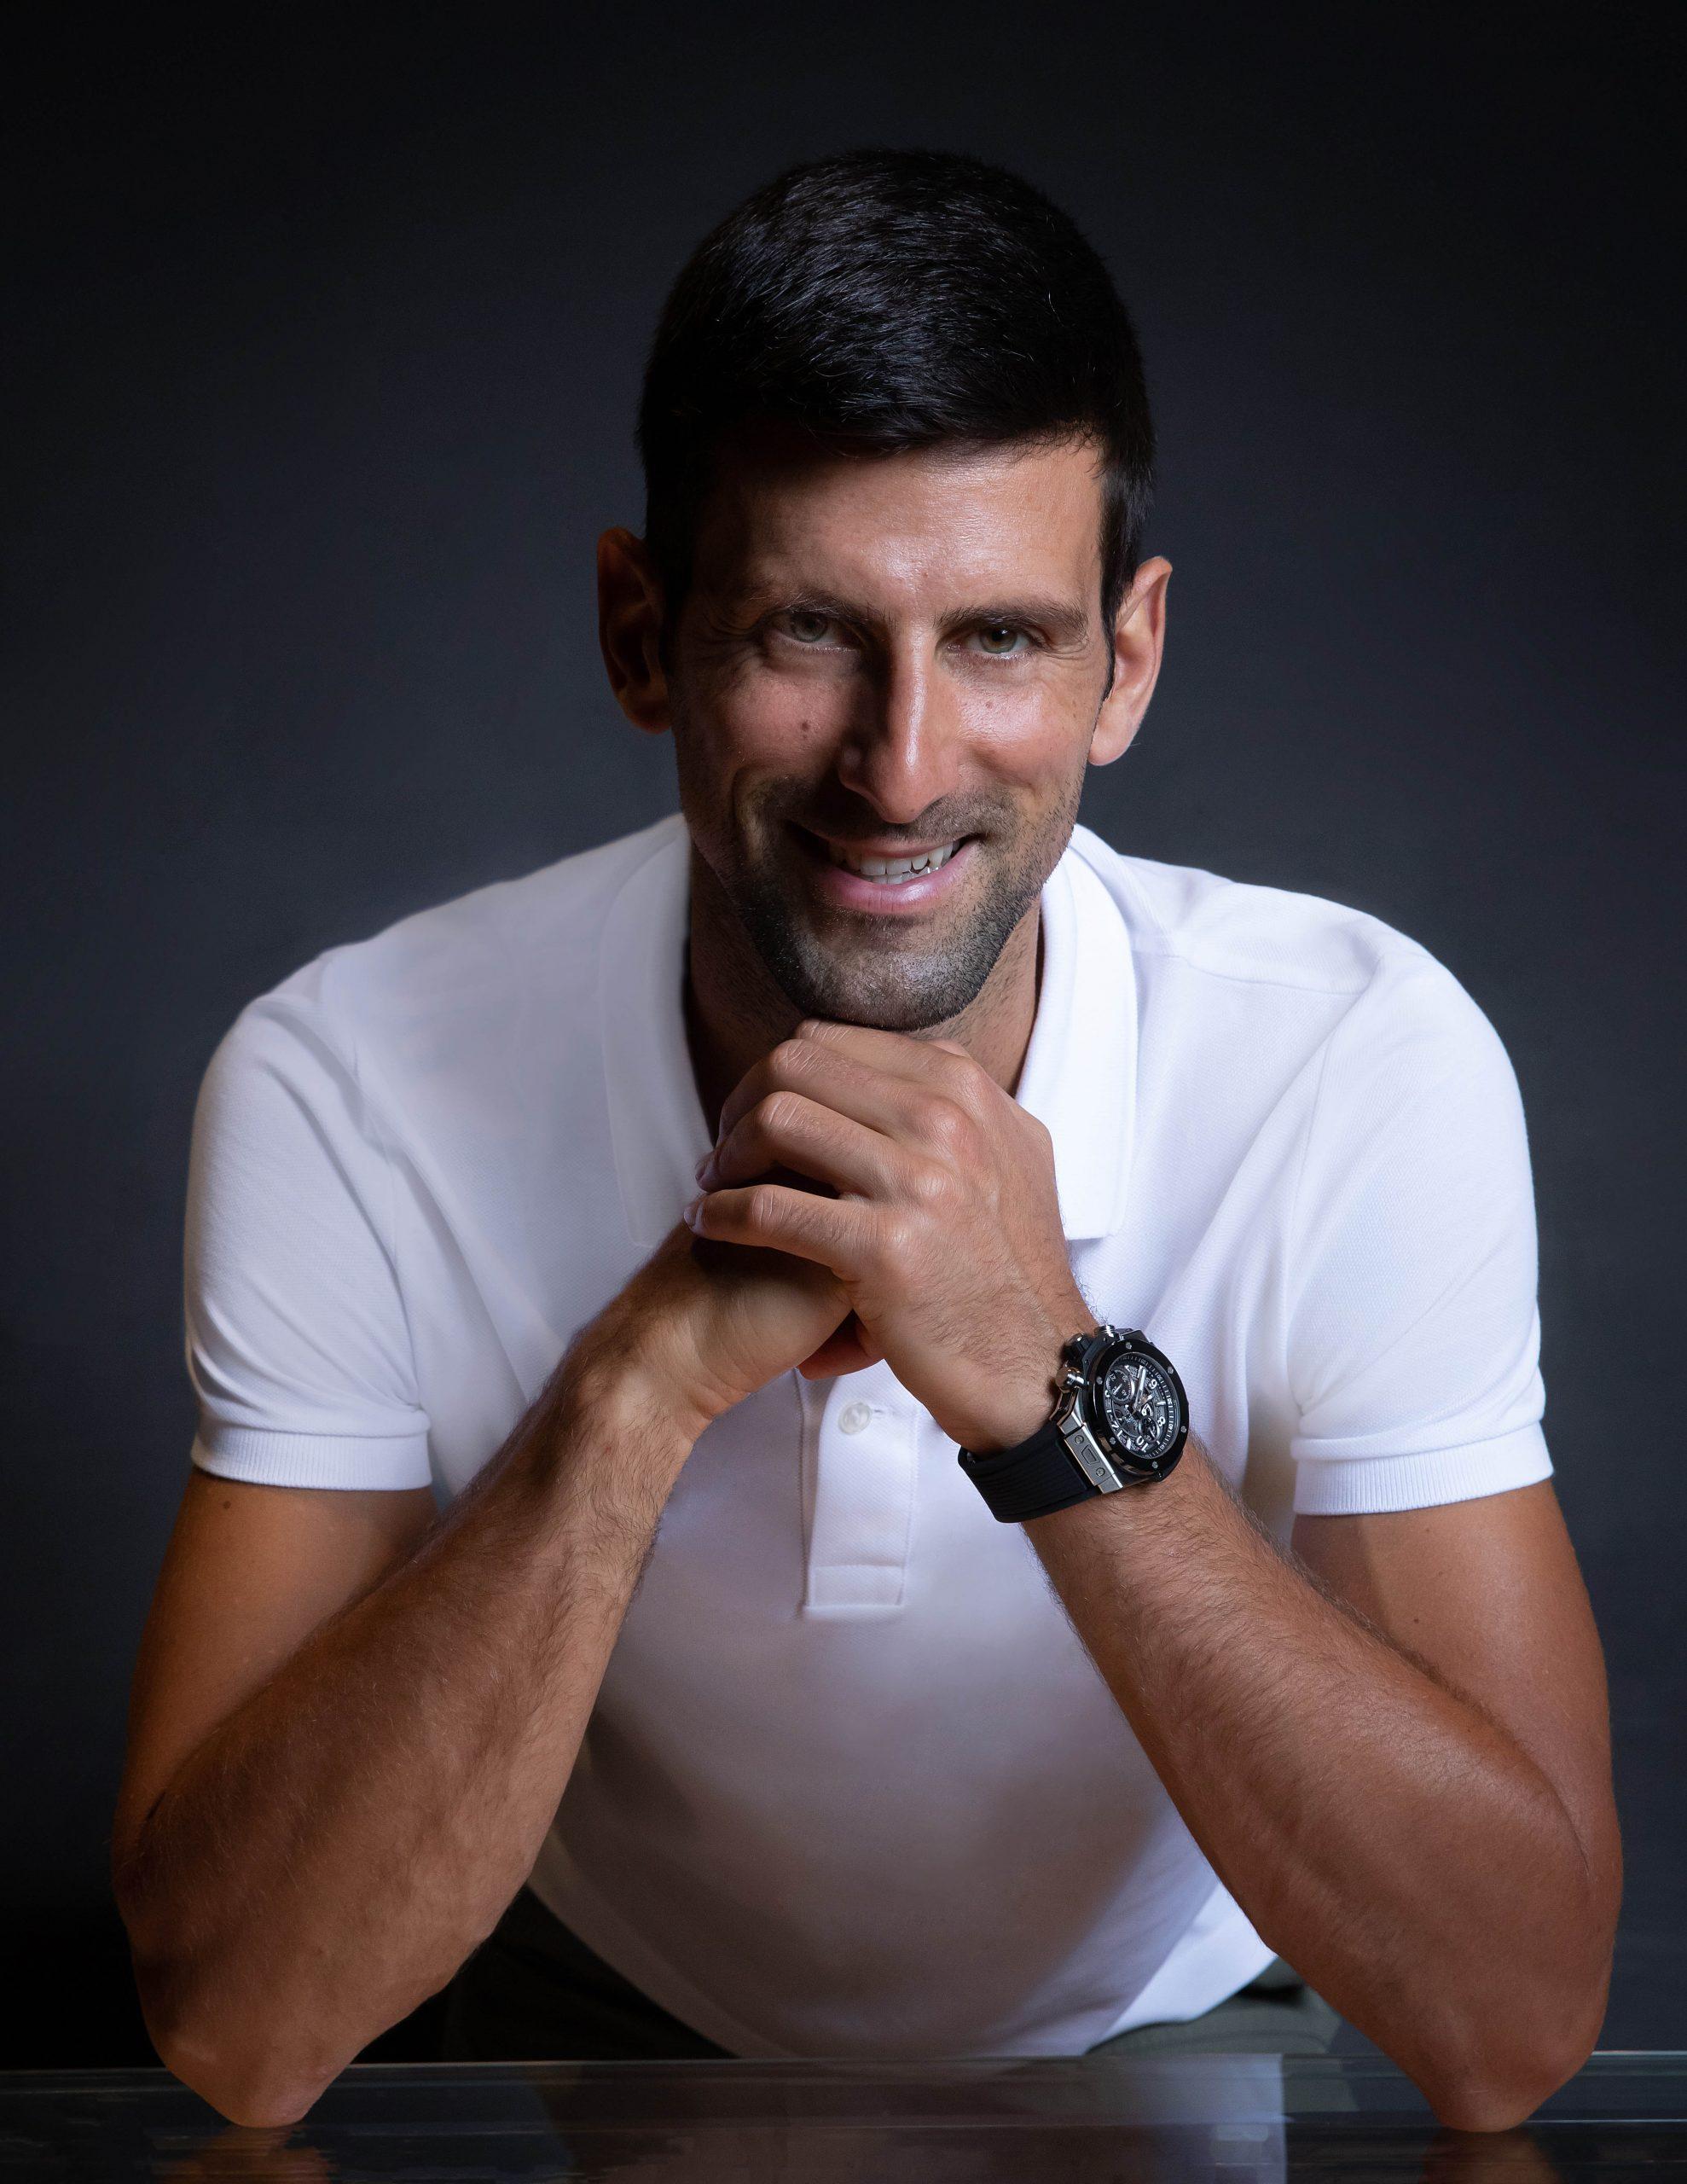 novak djokovic trở thành gương mặt đại diện của hublot